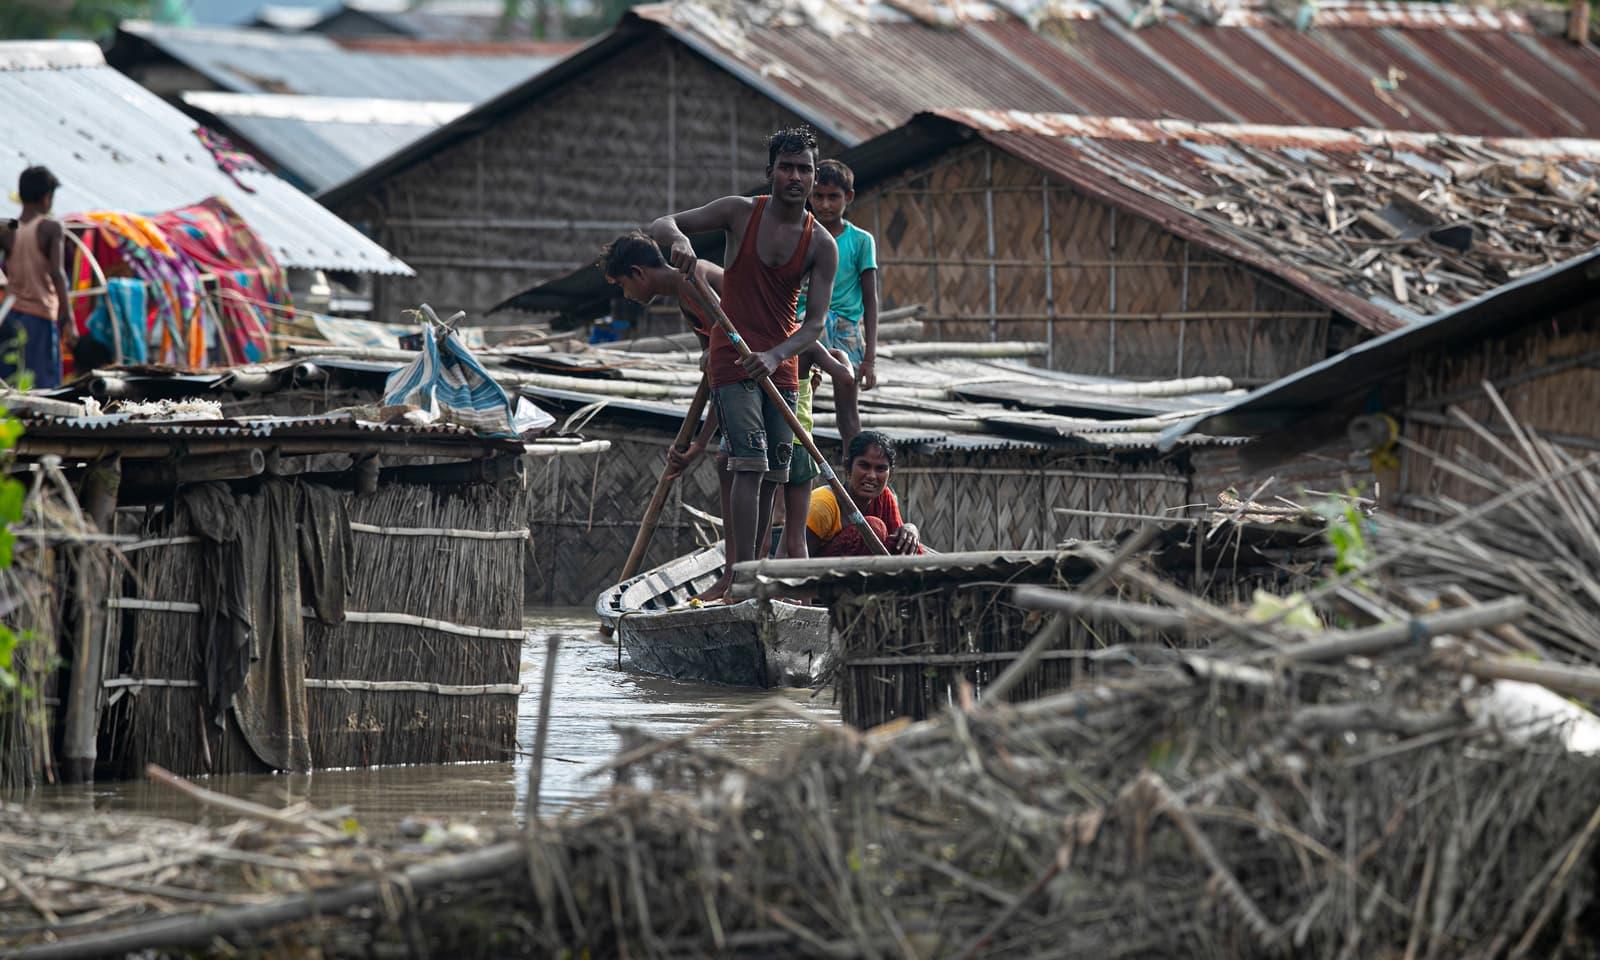 بھارتی ریاست آسام کے ضلع موری گاؤں میں کشتی پر سوار ایک خاندان پانی میں نیم غرق مکانوں کے پاس سے گزر رہا ہے— فوٹو: اے پی